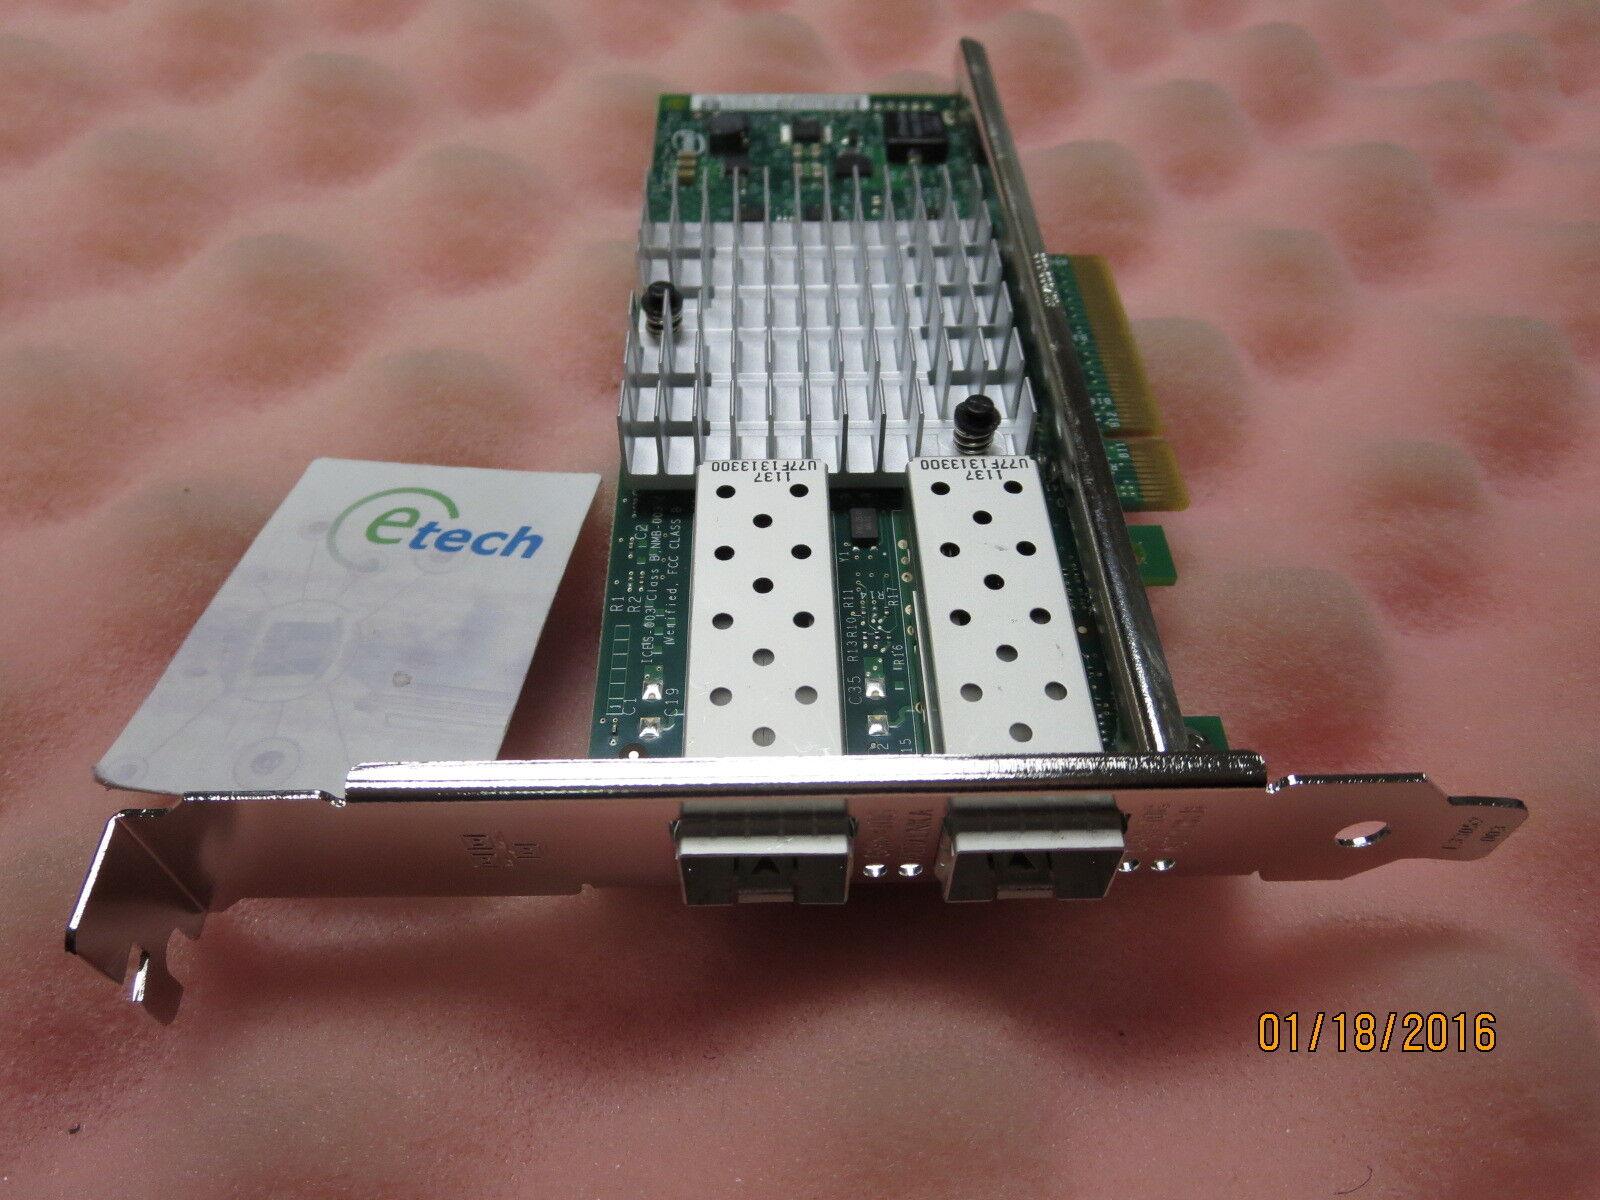 49Y7960 / 49Y7962 - Intel X520-DA2 Dual Port 10GbE SFP+ Adapter for IBM System x